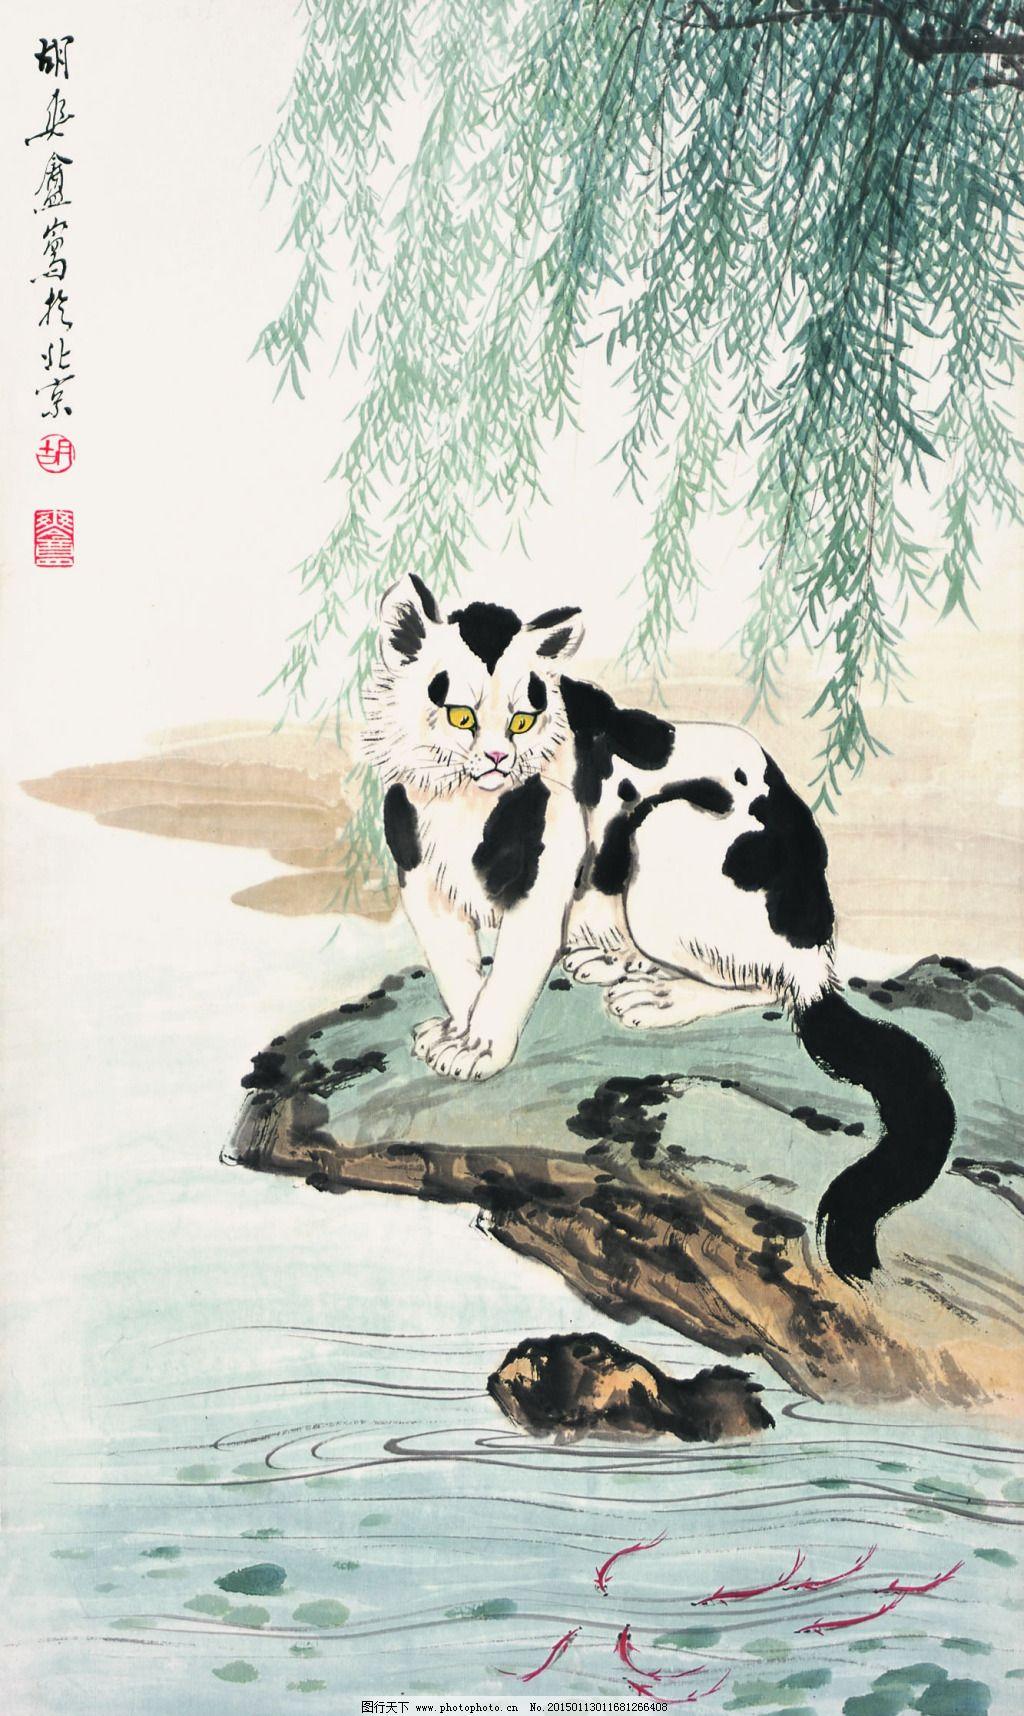 柳荫观鱼 柳荫观鱼免费下载 刺绣 河岸 家畜 柳树 小鱼 中国画